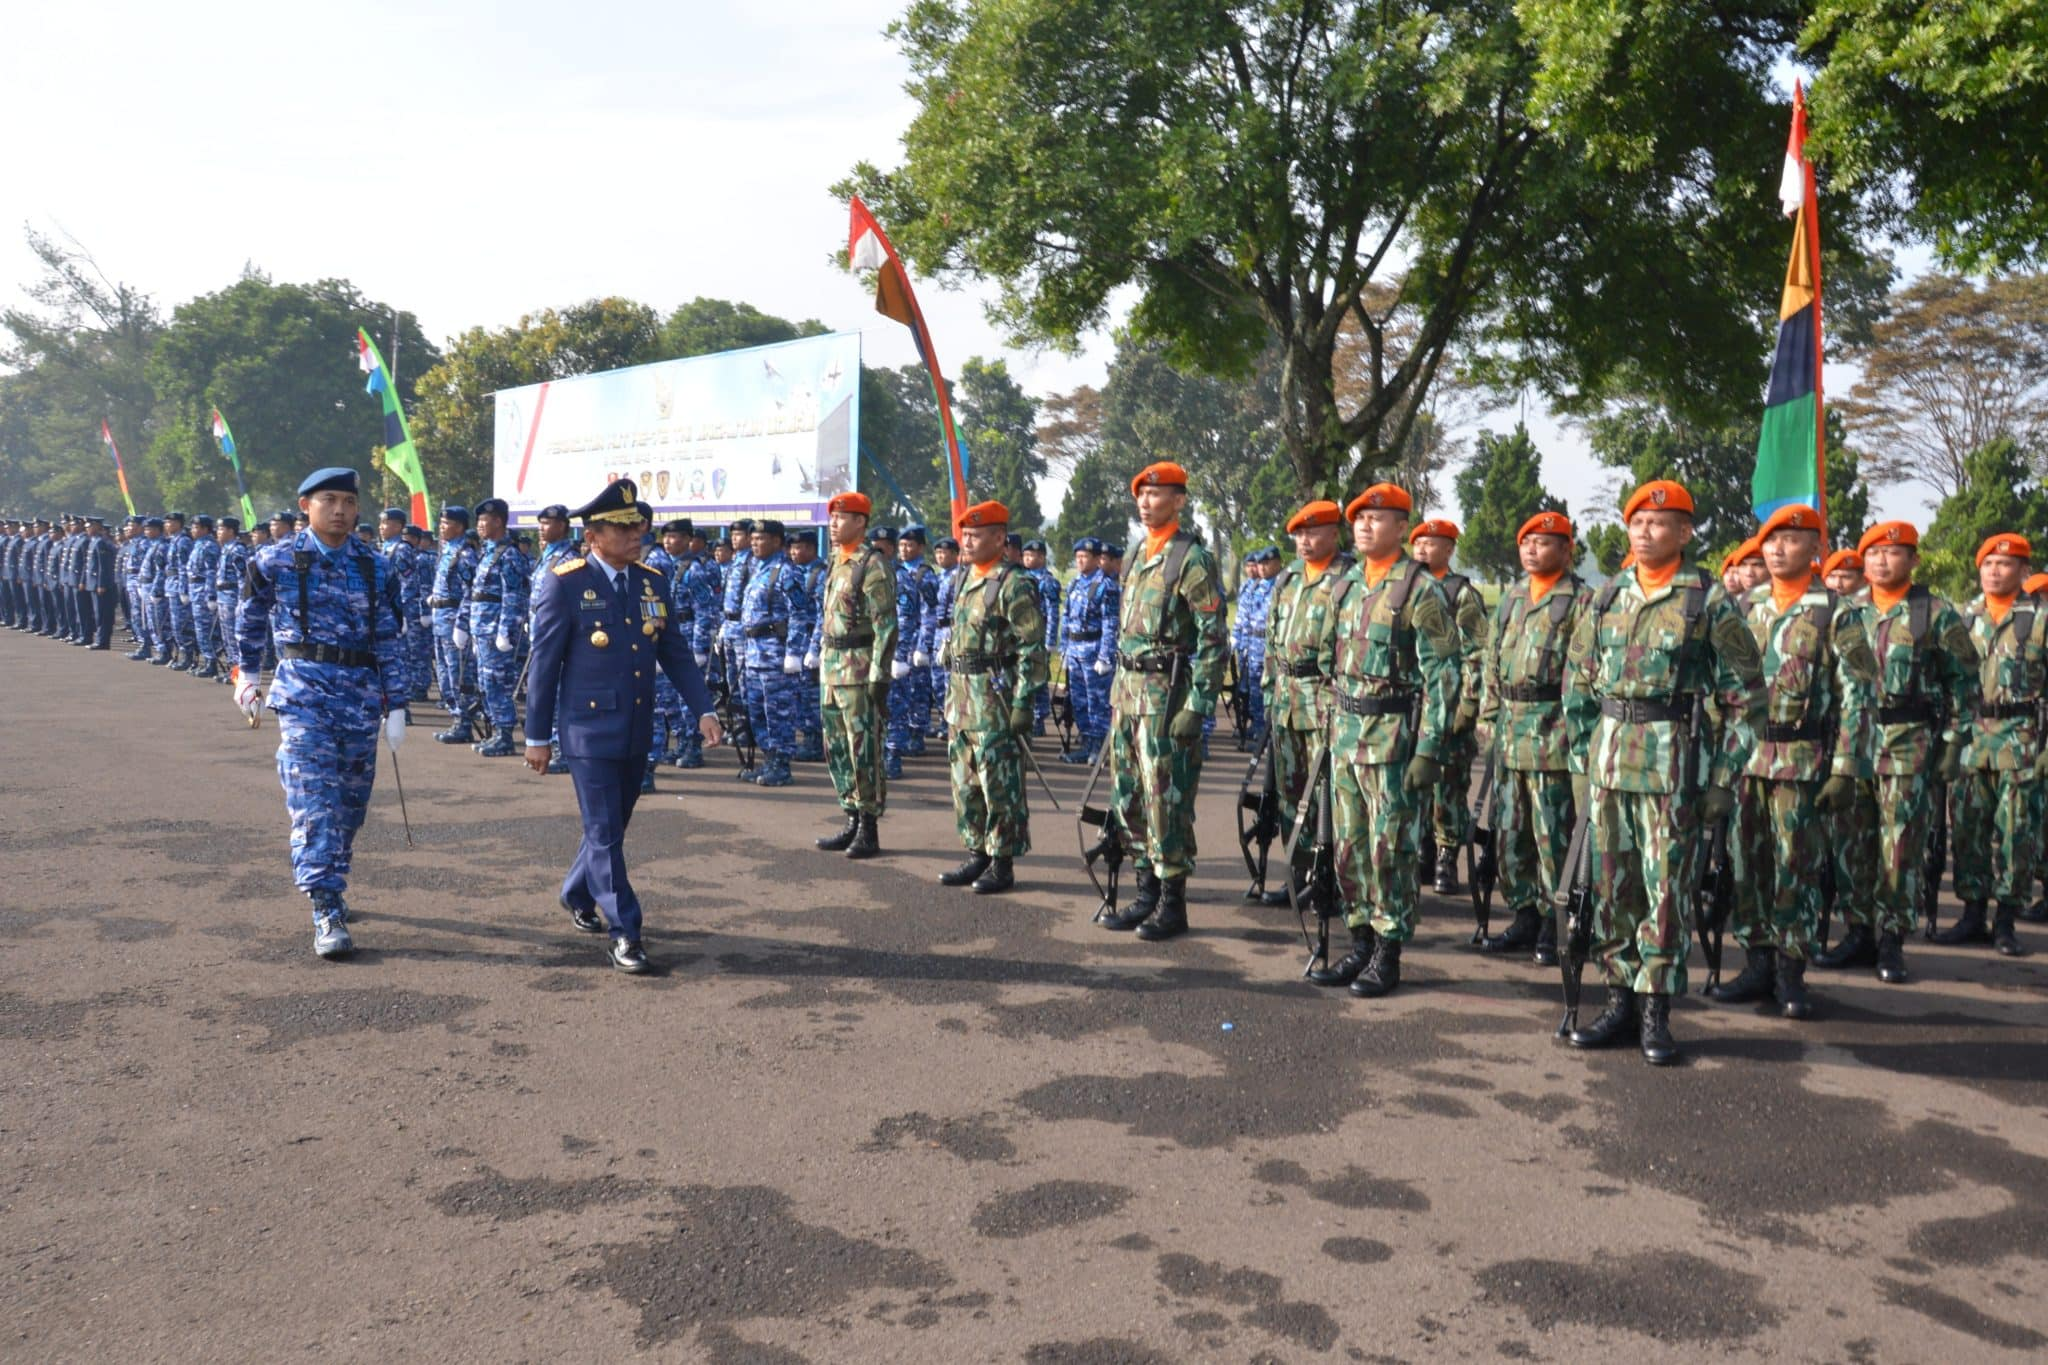 Bakorda AU Bandung Peringati Hari Jadi TNI Angkatan Udara Ke-72